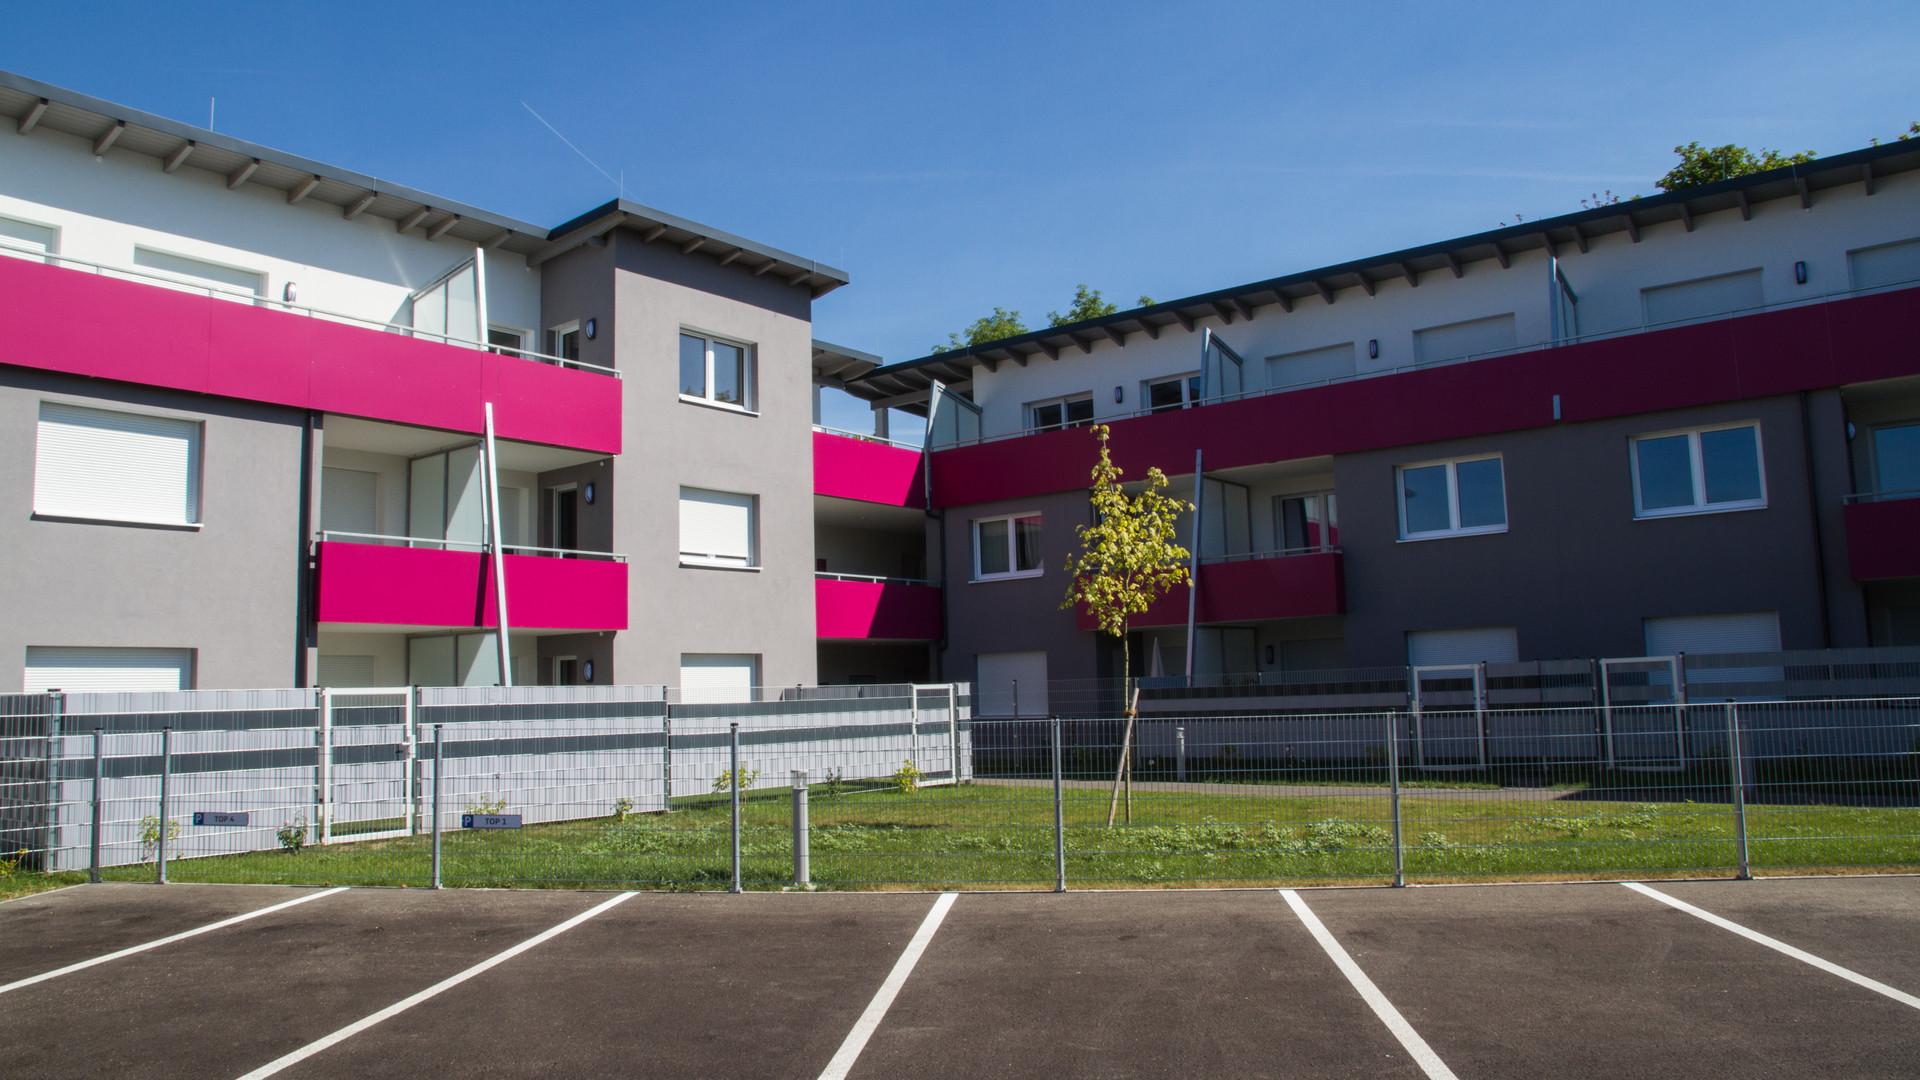 Wohnhausanlage Mistelpromenade